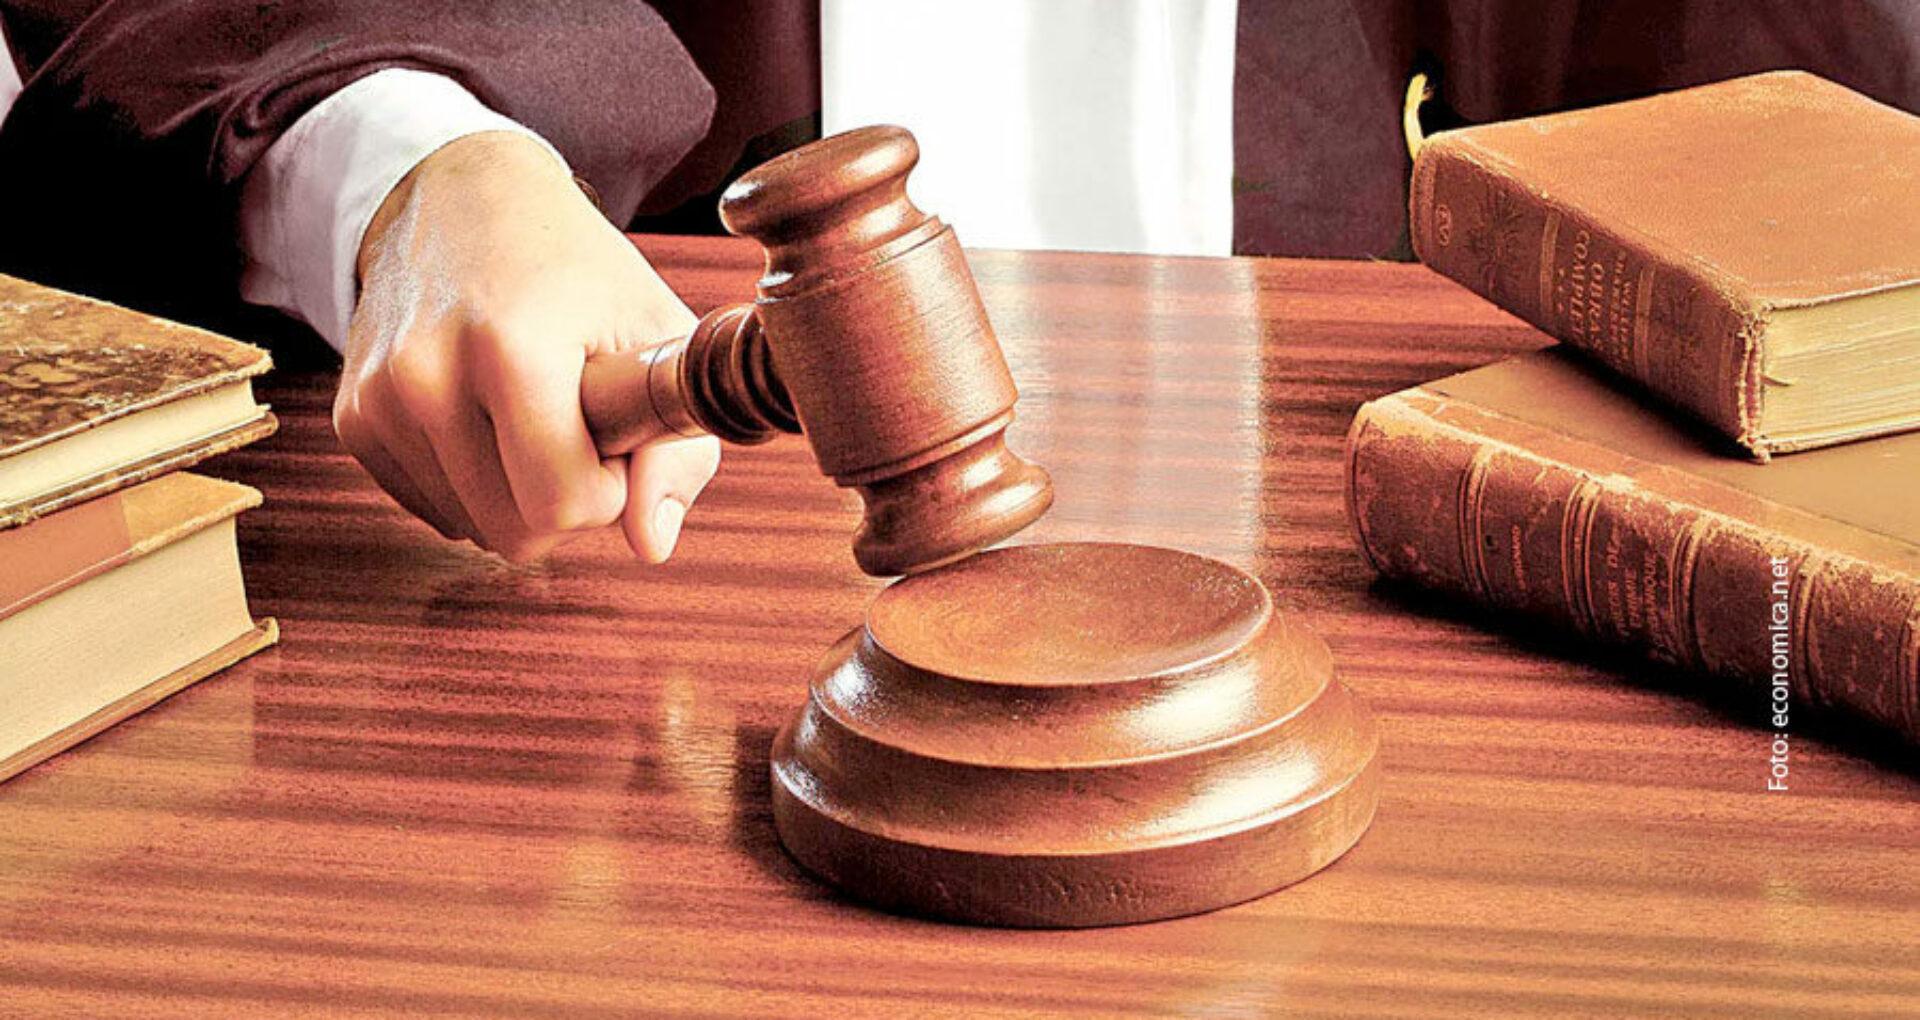 Direcția asistență juridică a Primăriei, supraîncărcată. Pe rol sunt 1700 de dosare